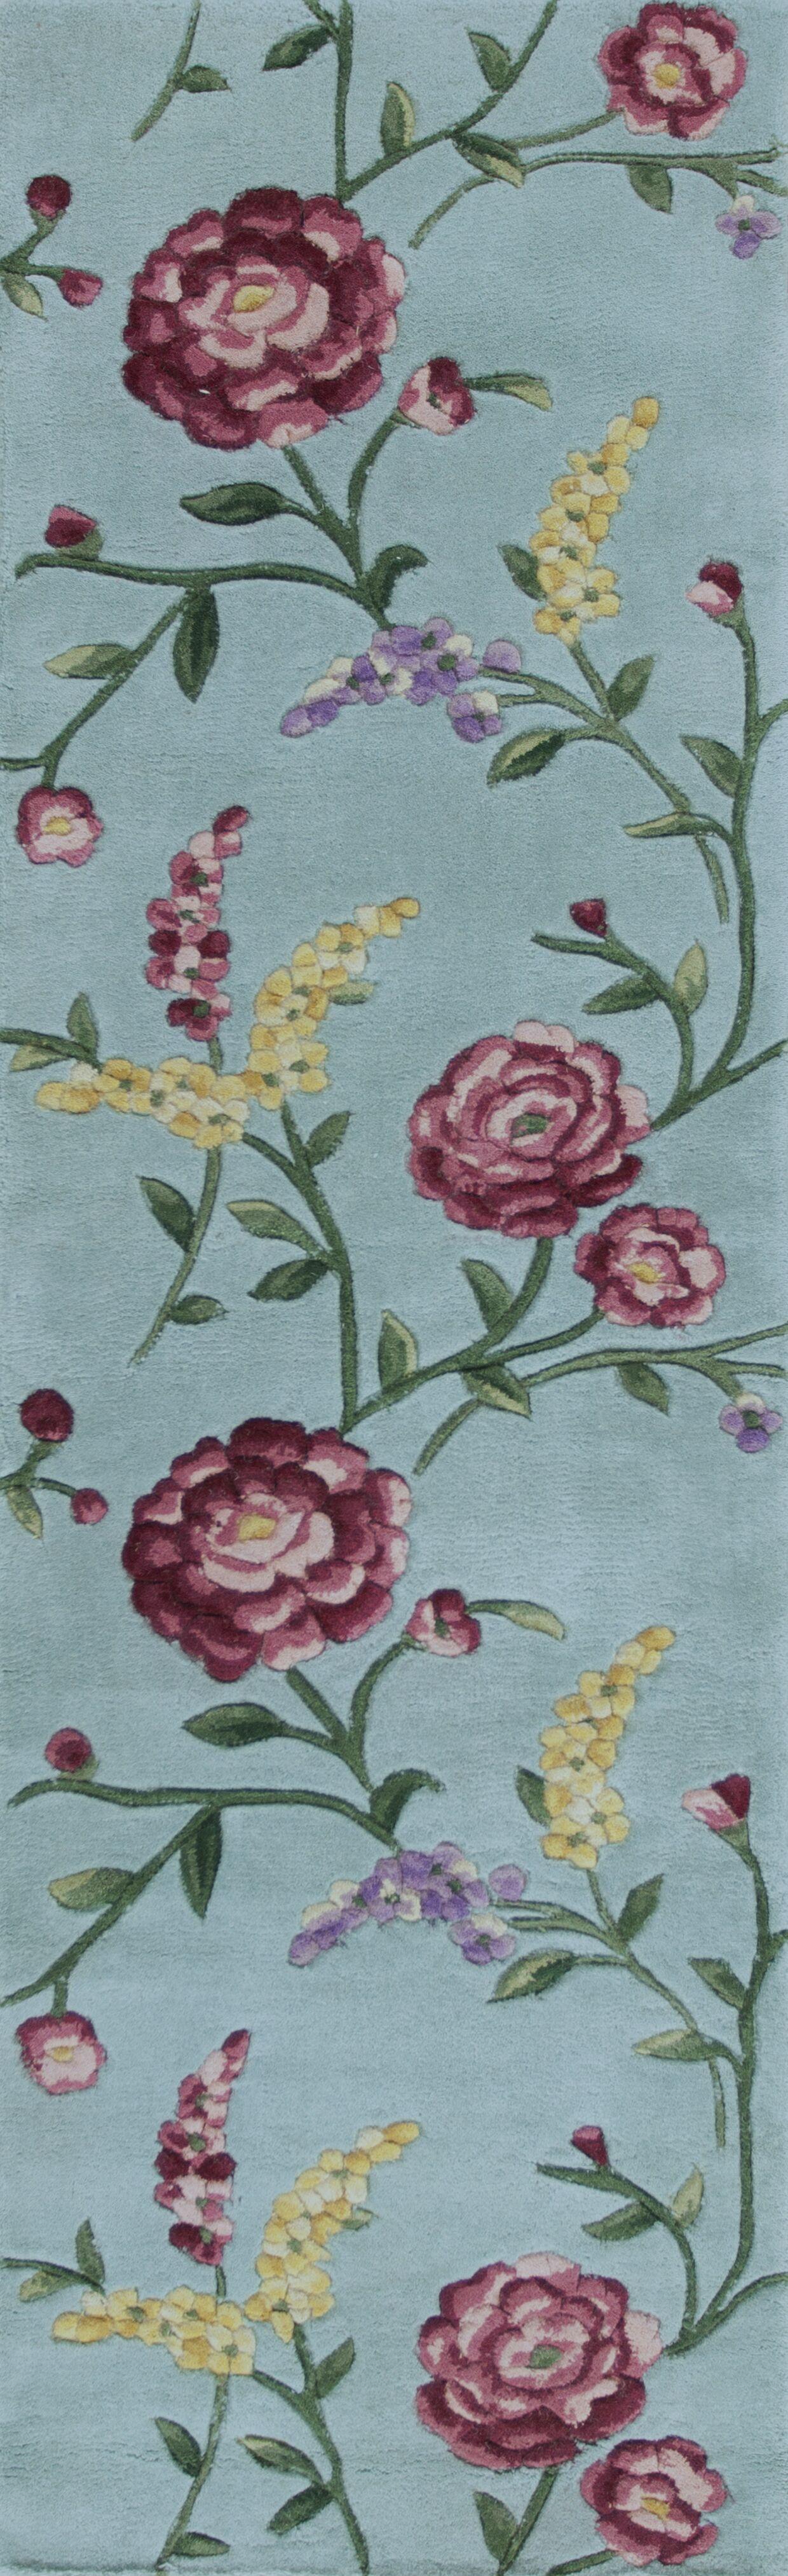 Yvonne Blue Floral Vines Area Rug Rug Size: 5'3